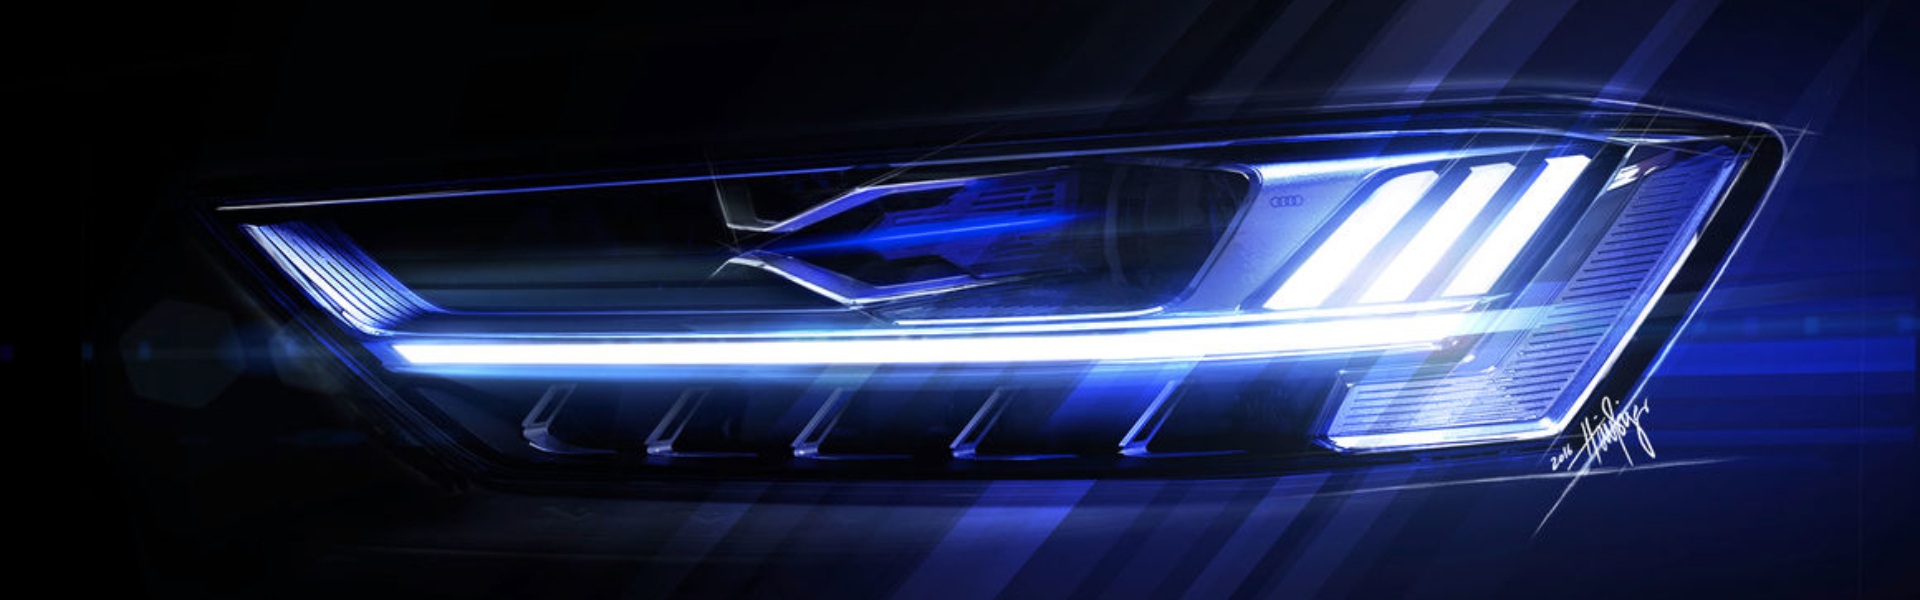 Skica luči Audija A8